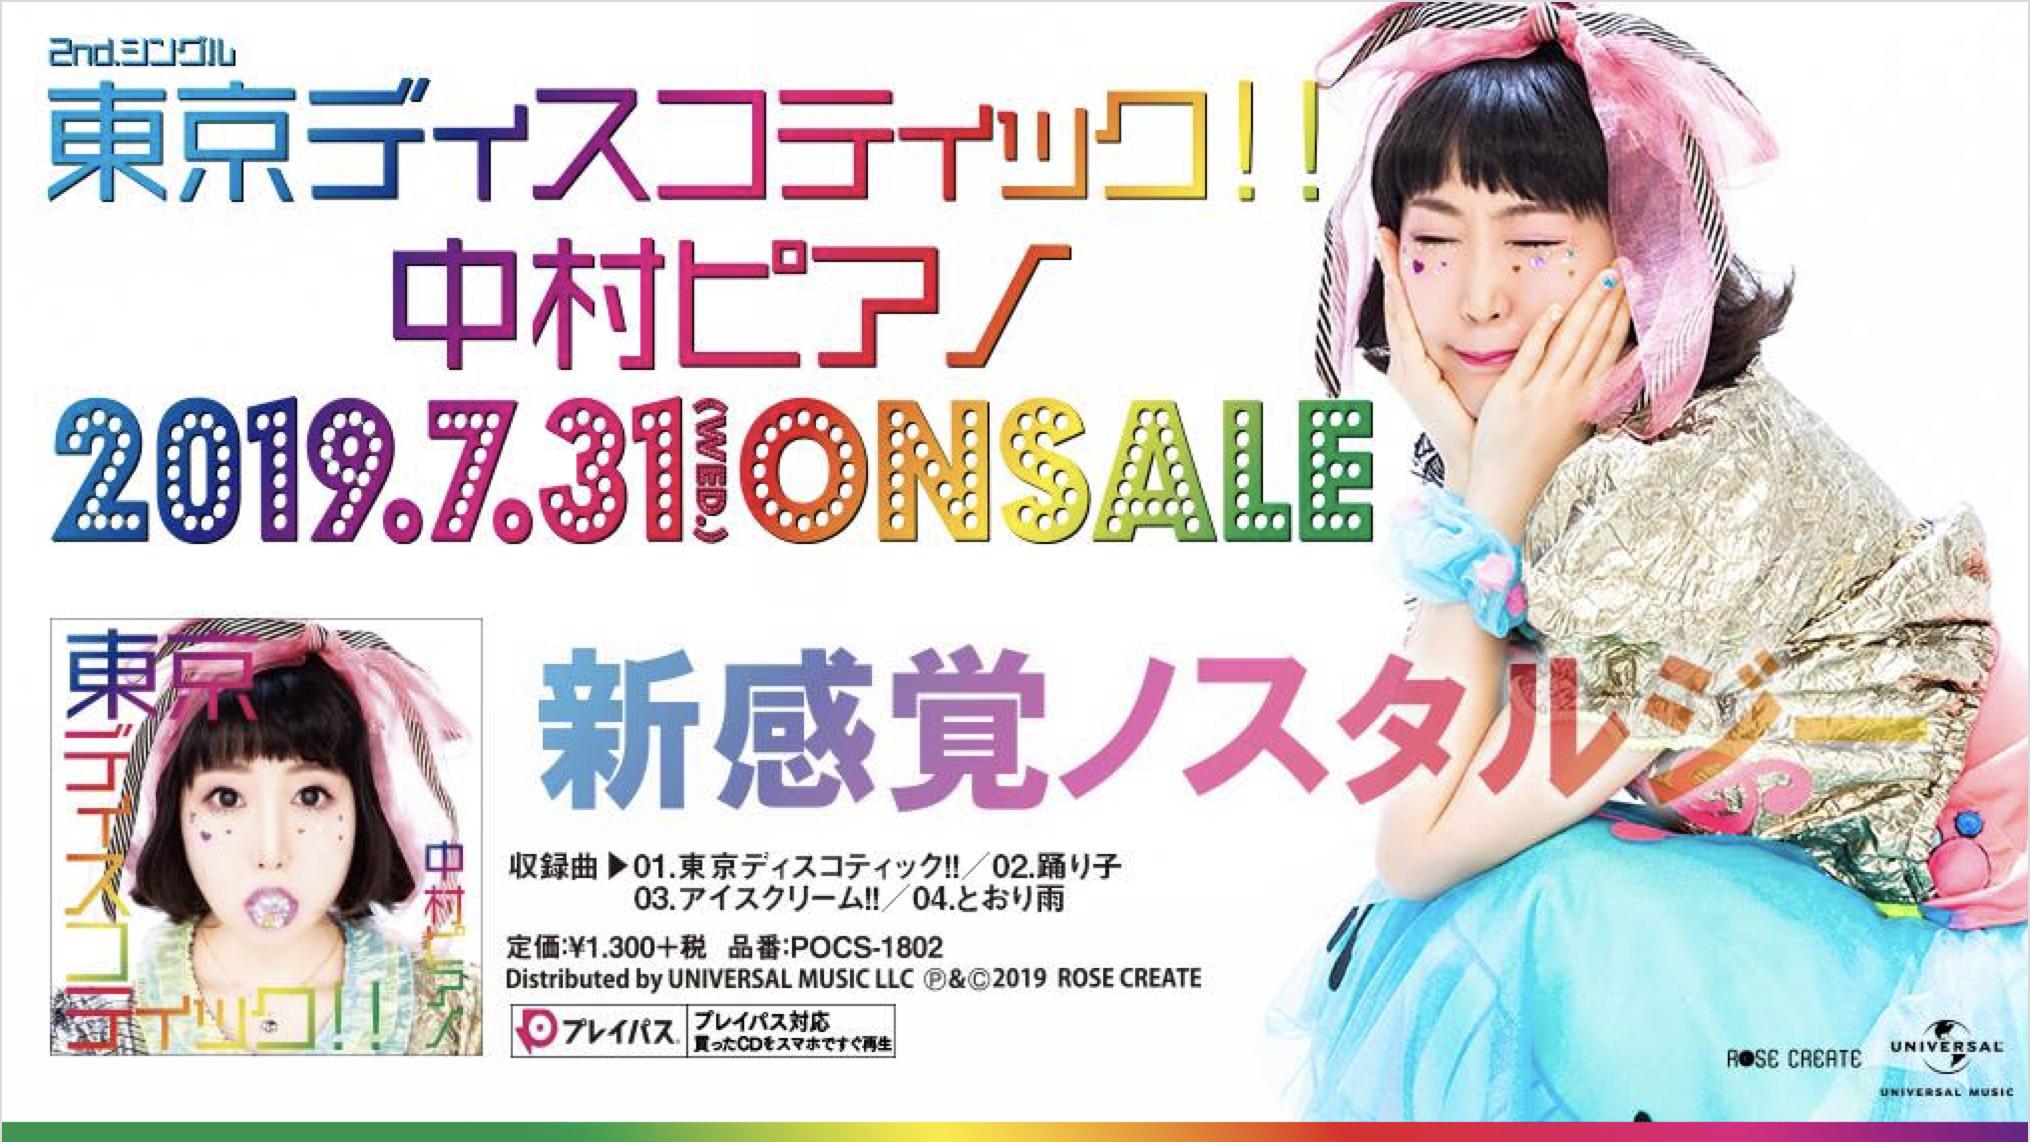 中村ピアノ「東京ディスコティック」